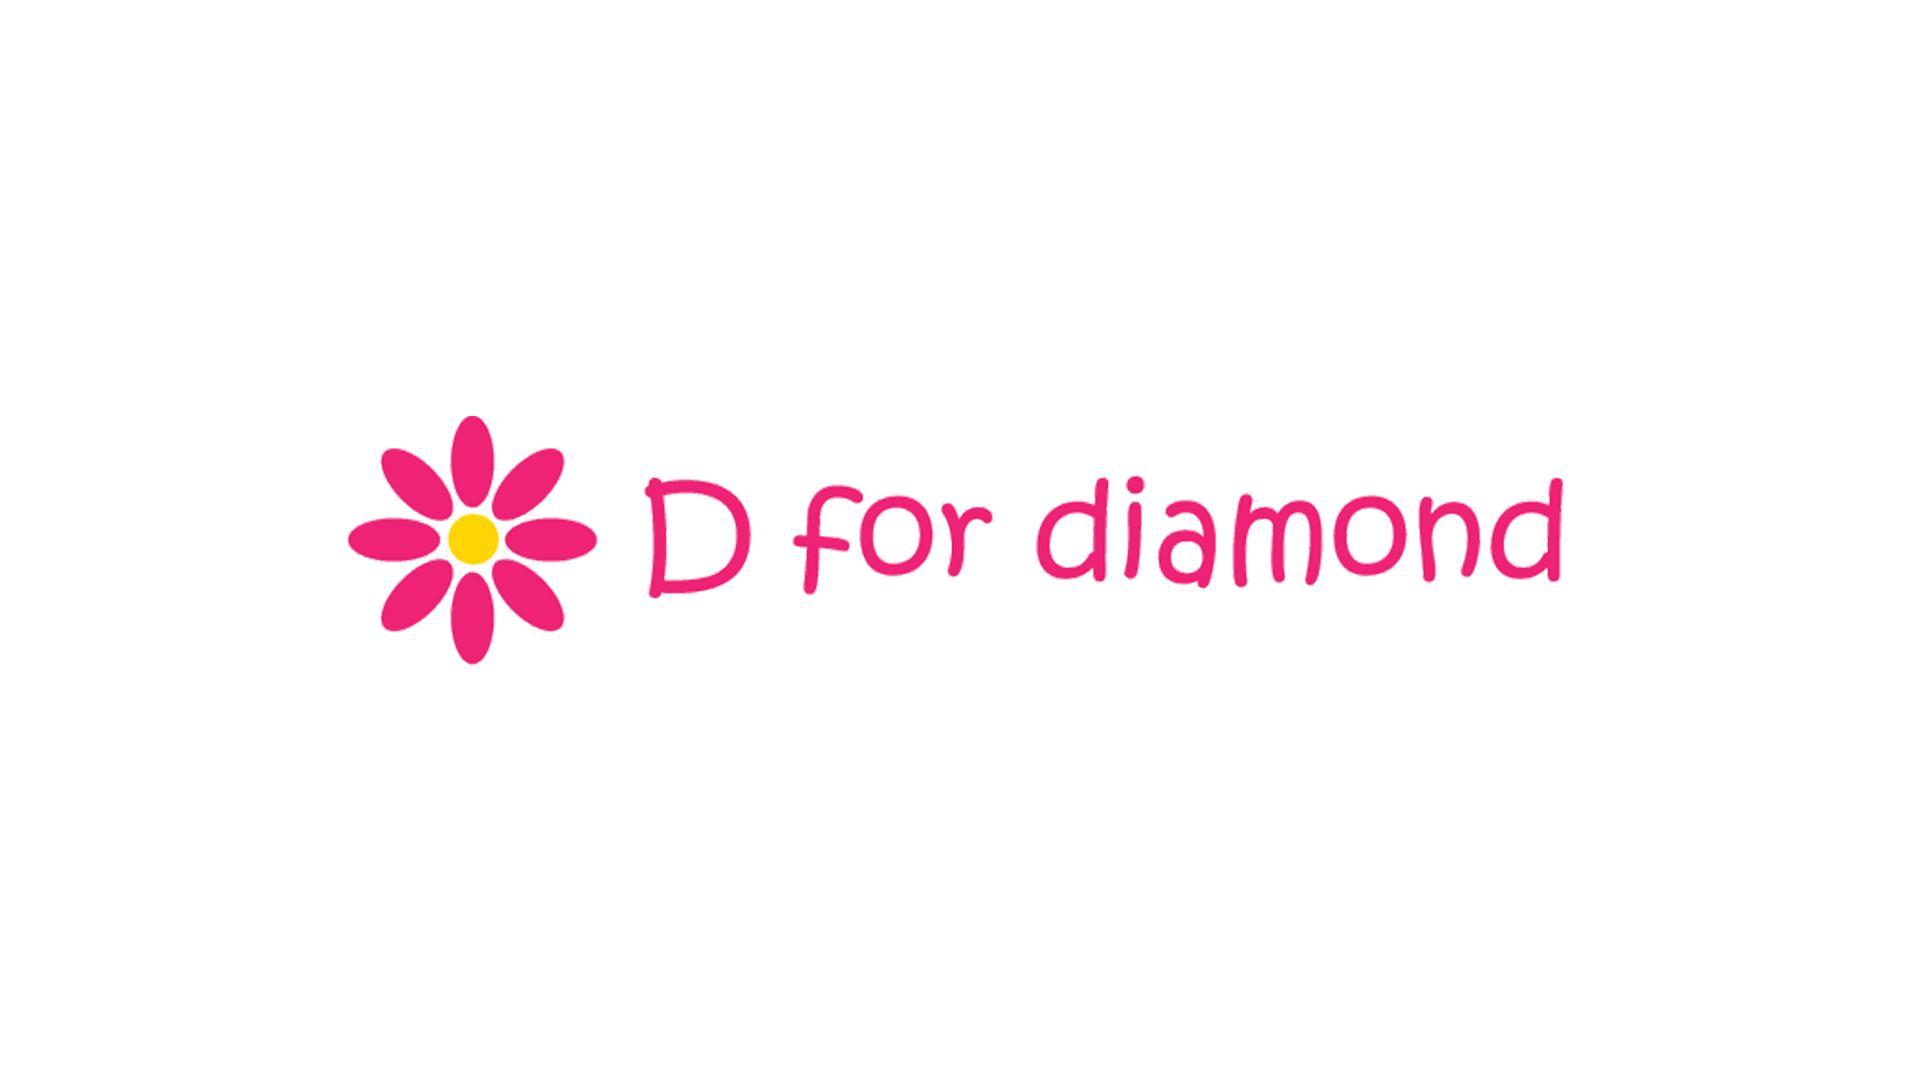 D for diamond.jpg